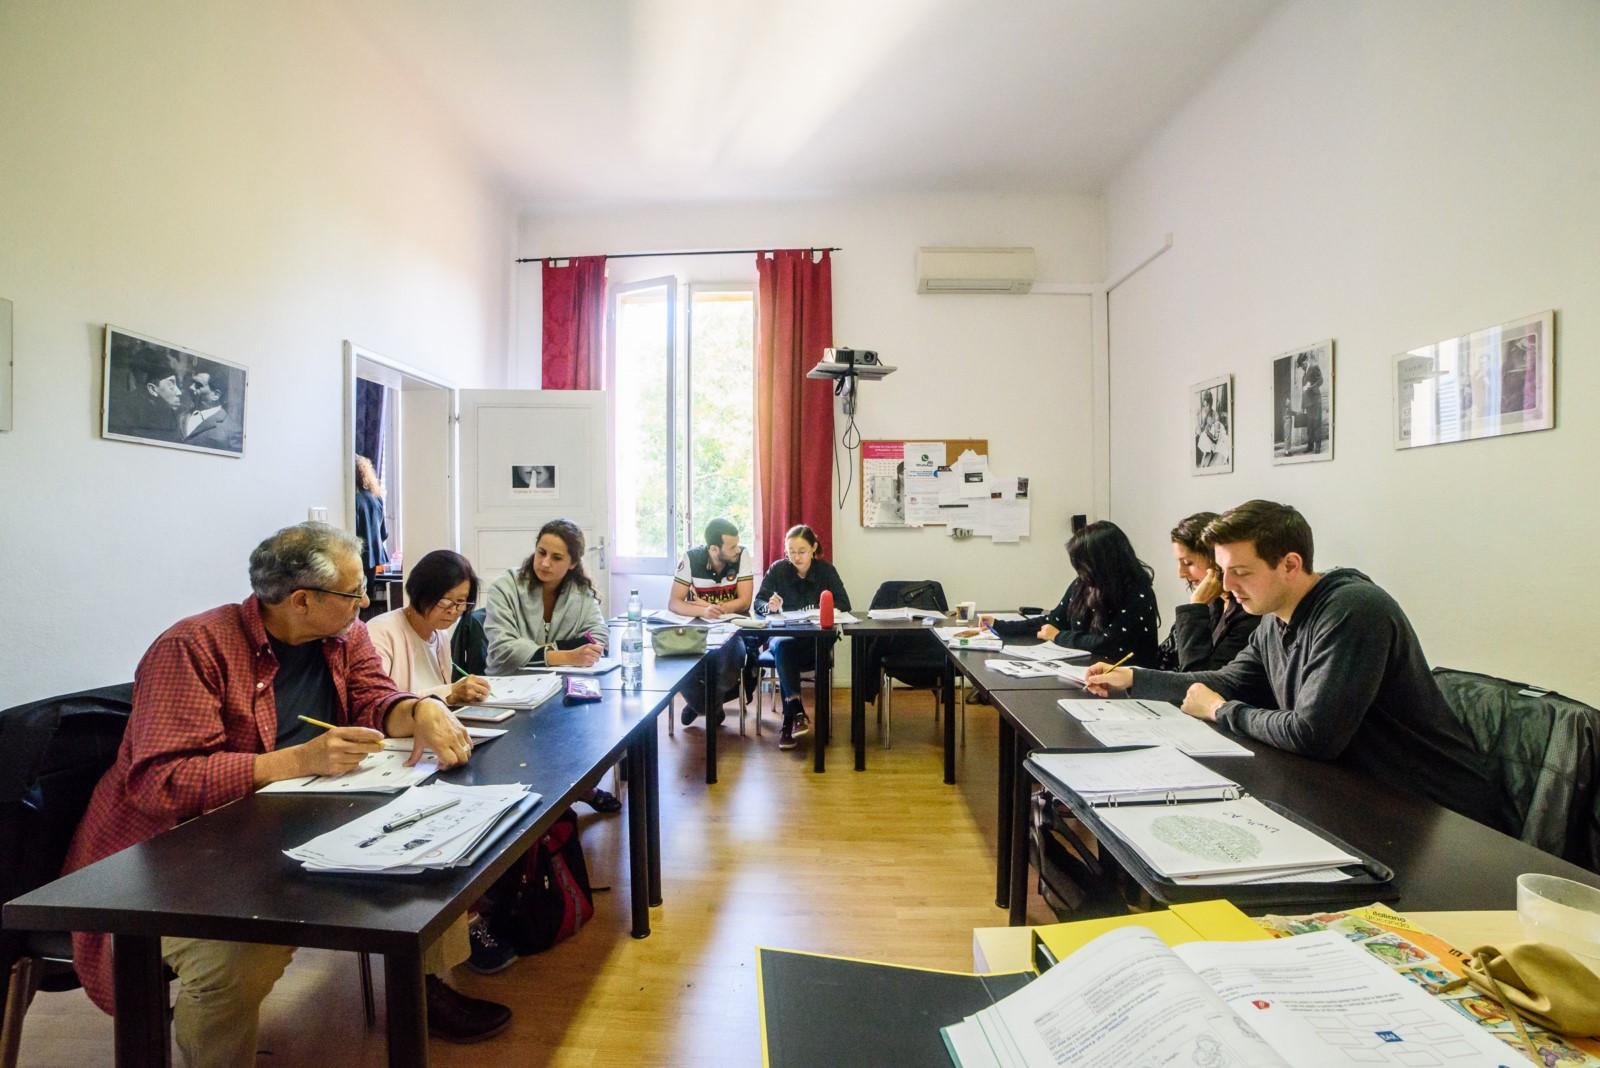 Alce Luzzara Reggio Emilia learn italian in italy with alce bologna and gama study